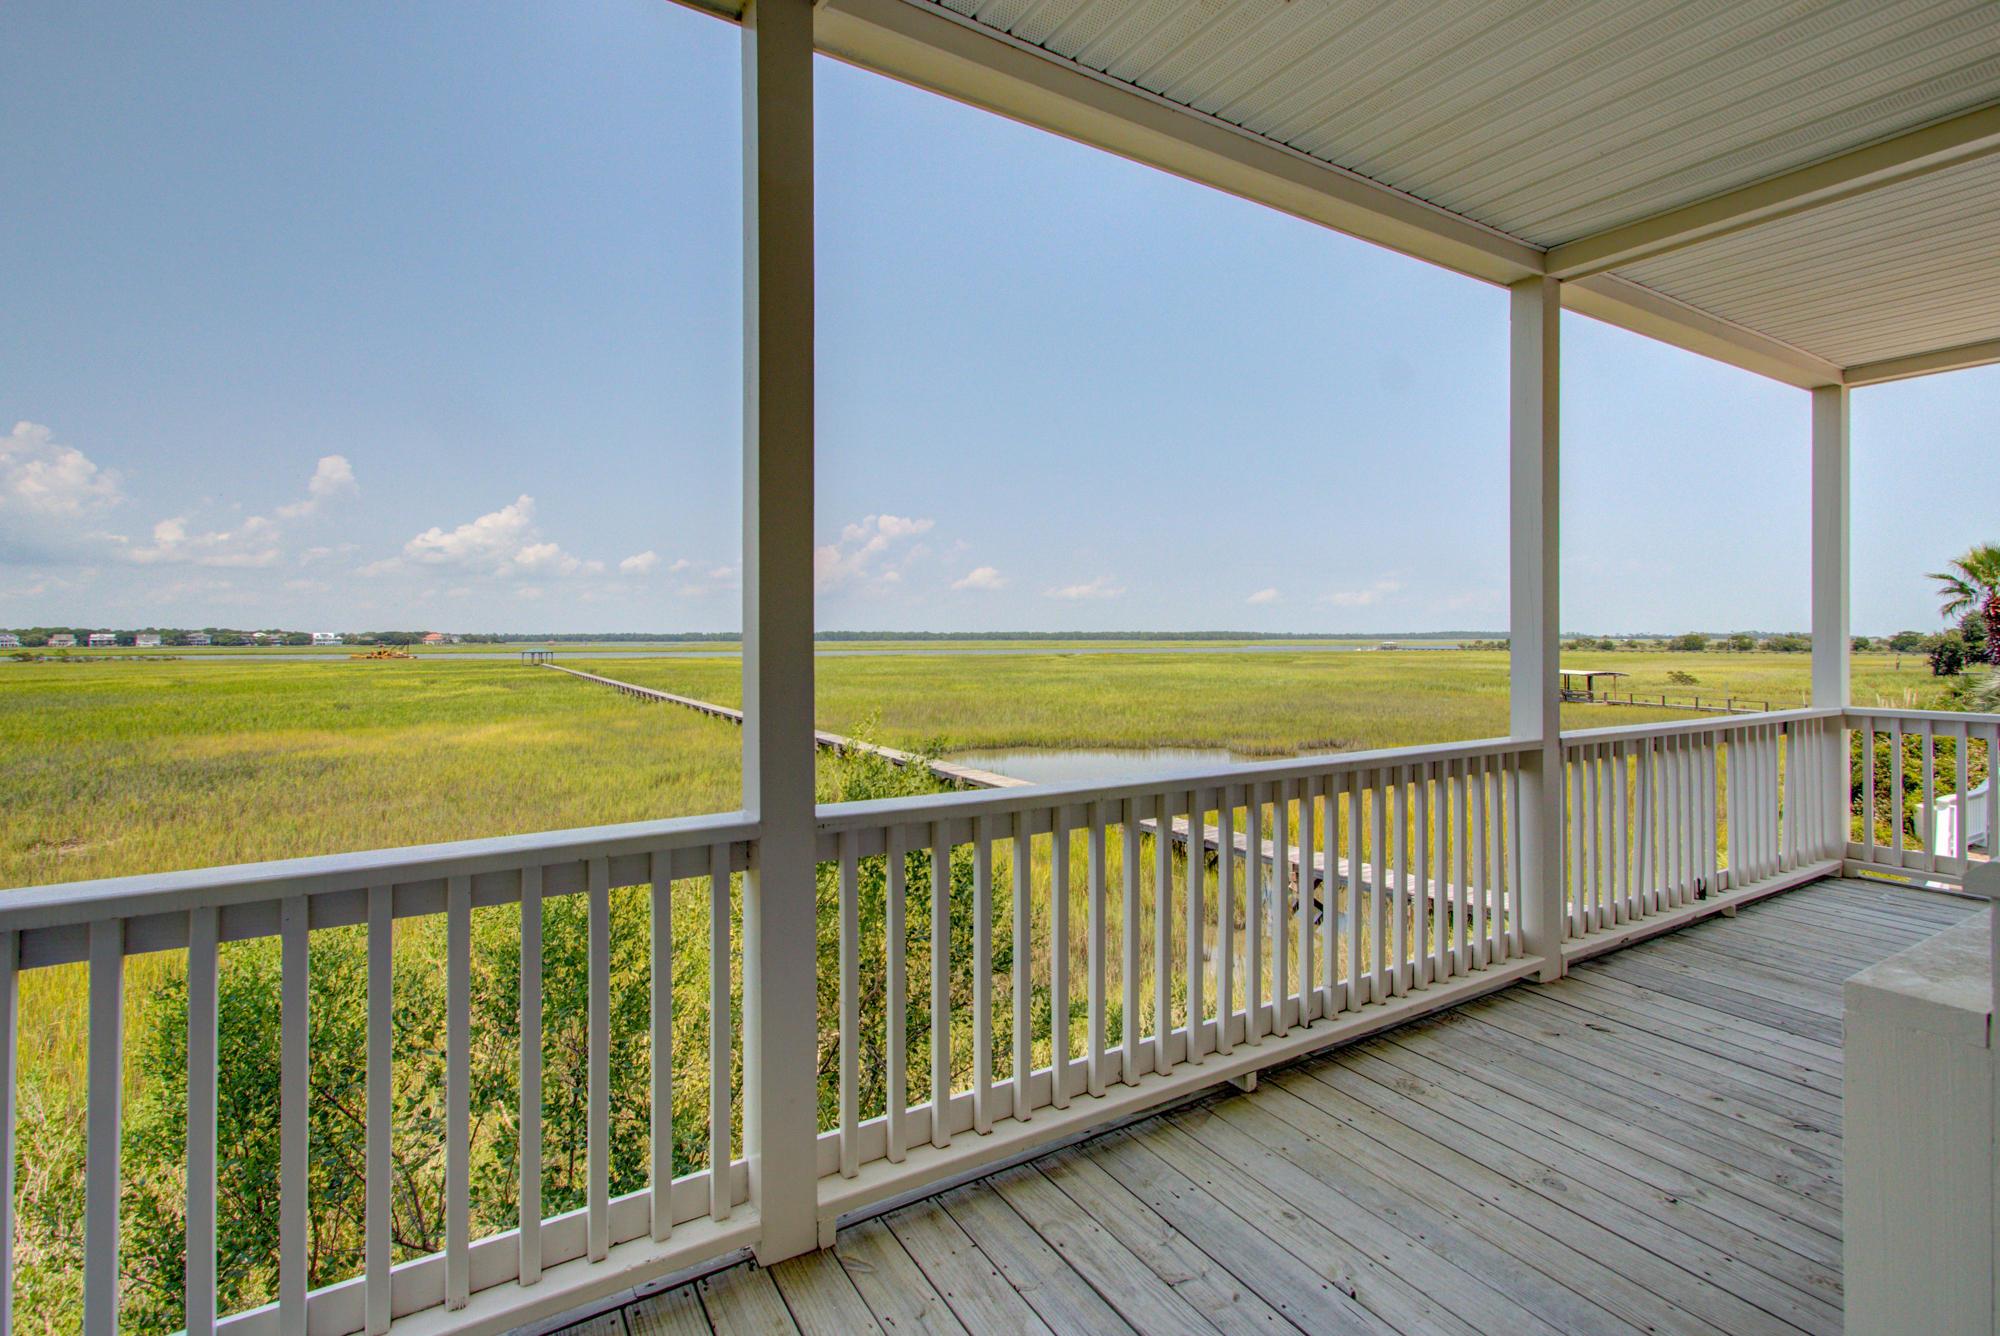 Folly Beach Homes For Sale - 616 Erie, Folly Beach, SC - 28